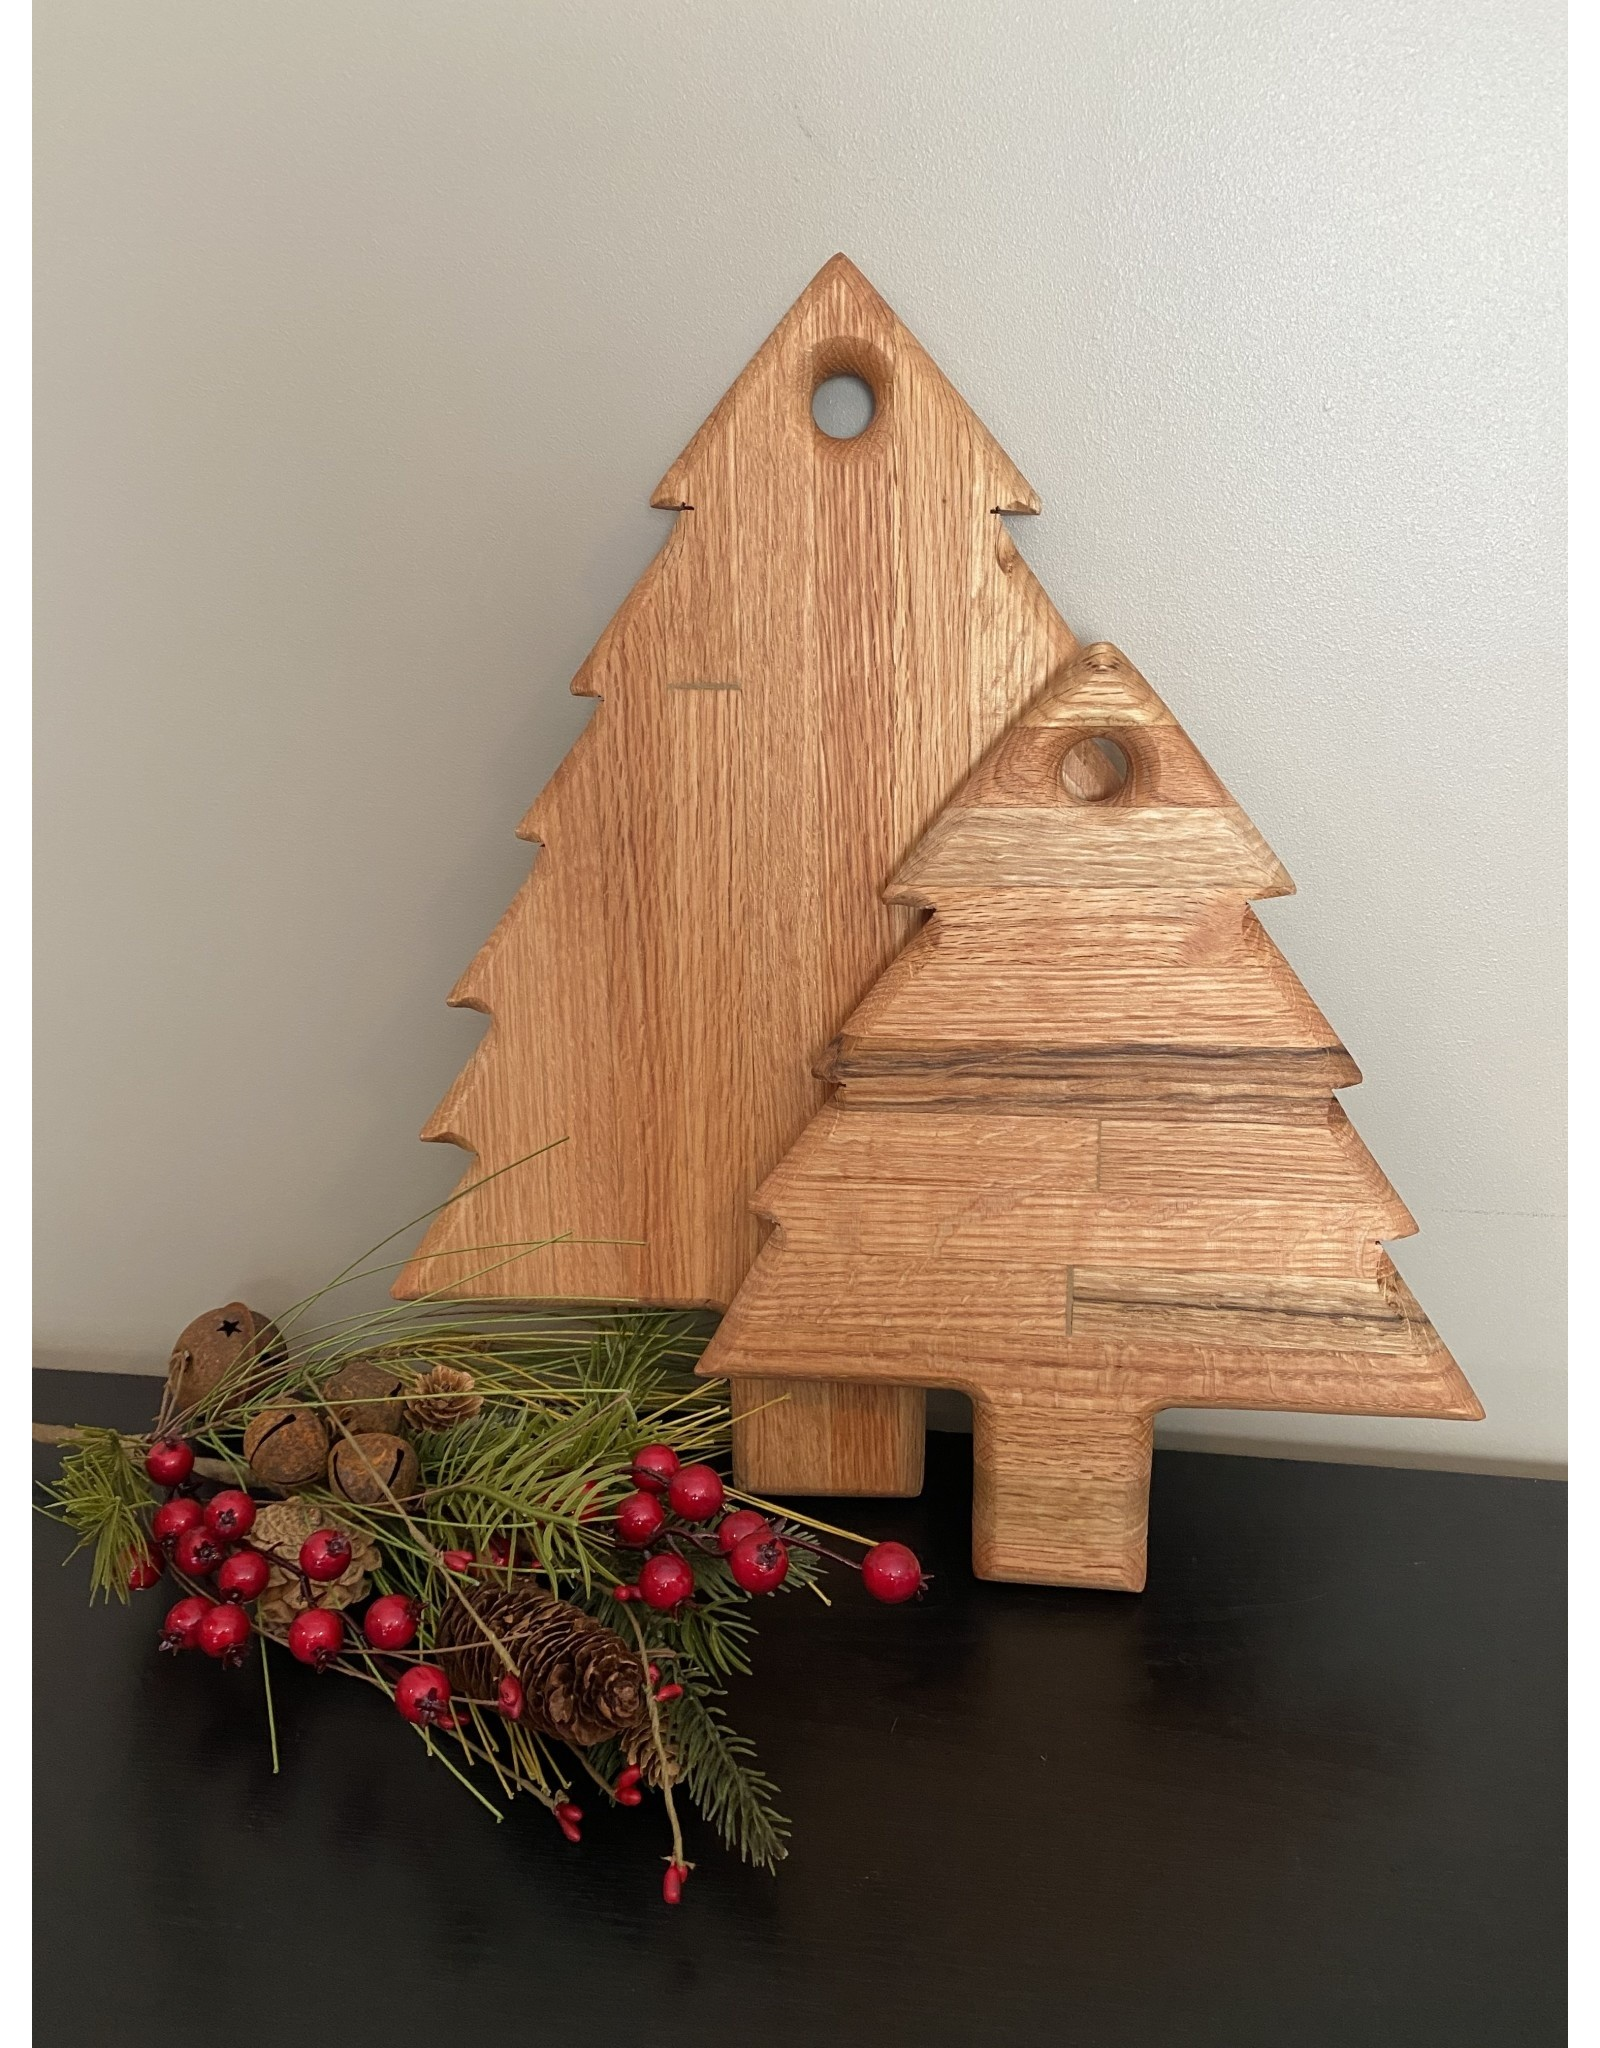 Gypsy Wagon Christmas Tree Cutting Board Small